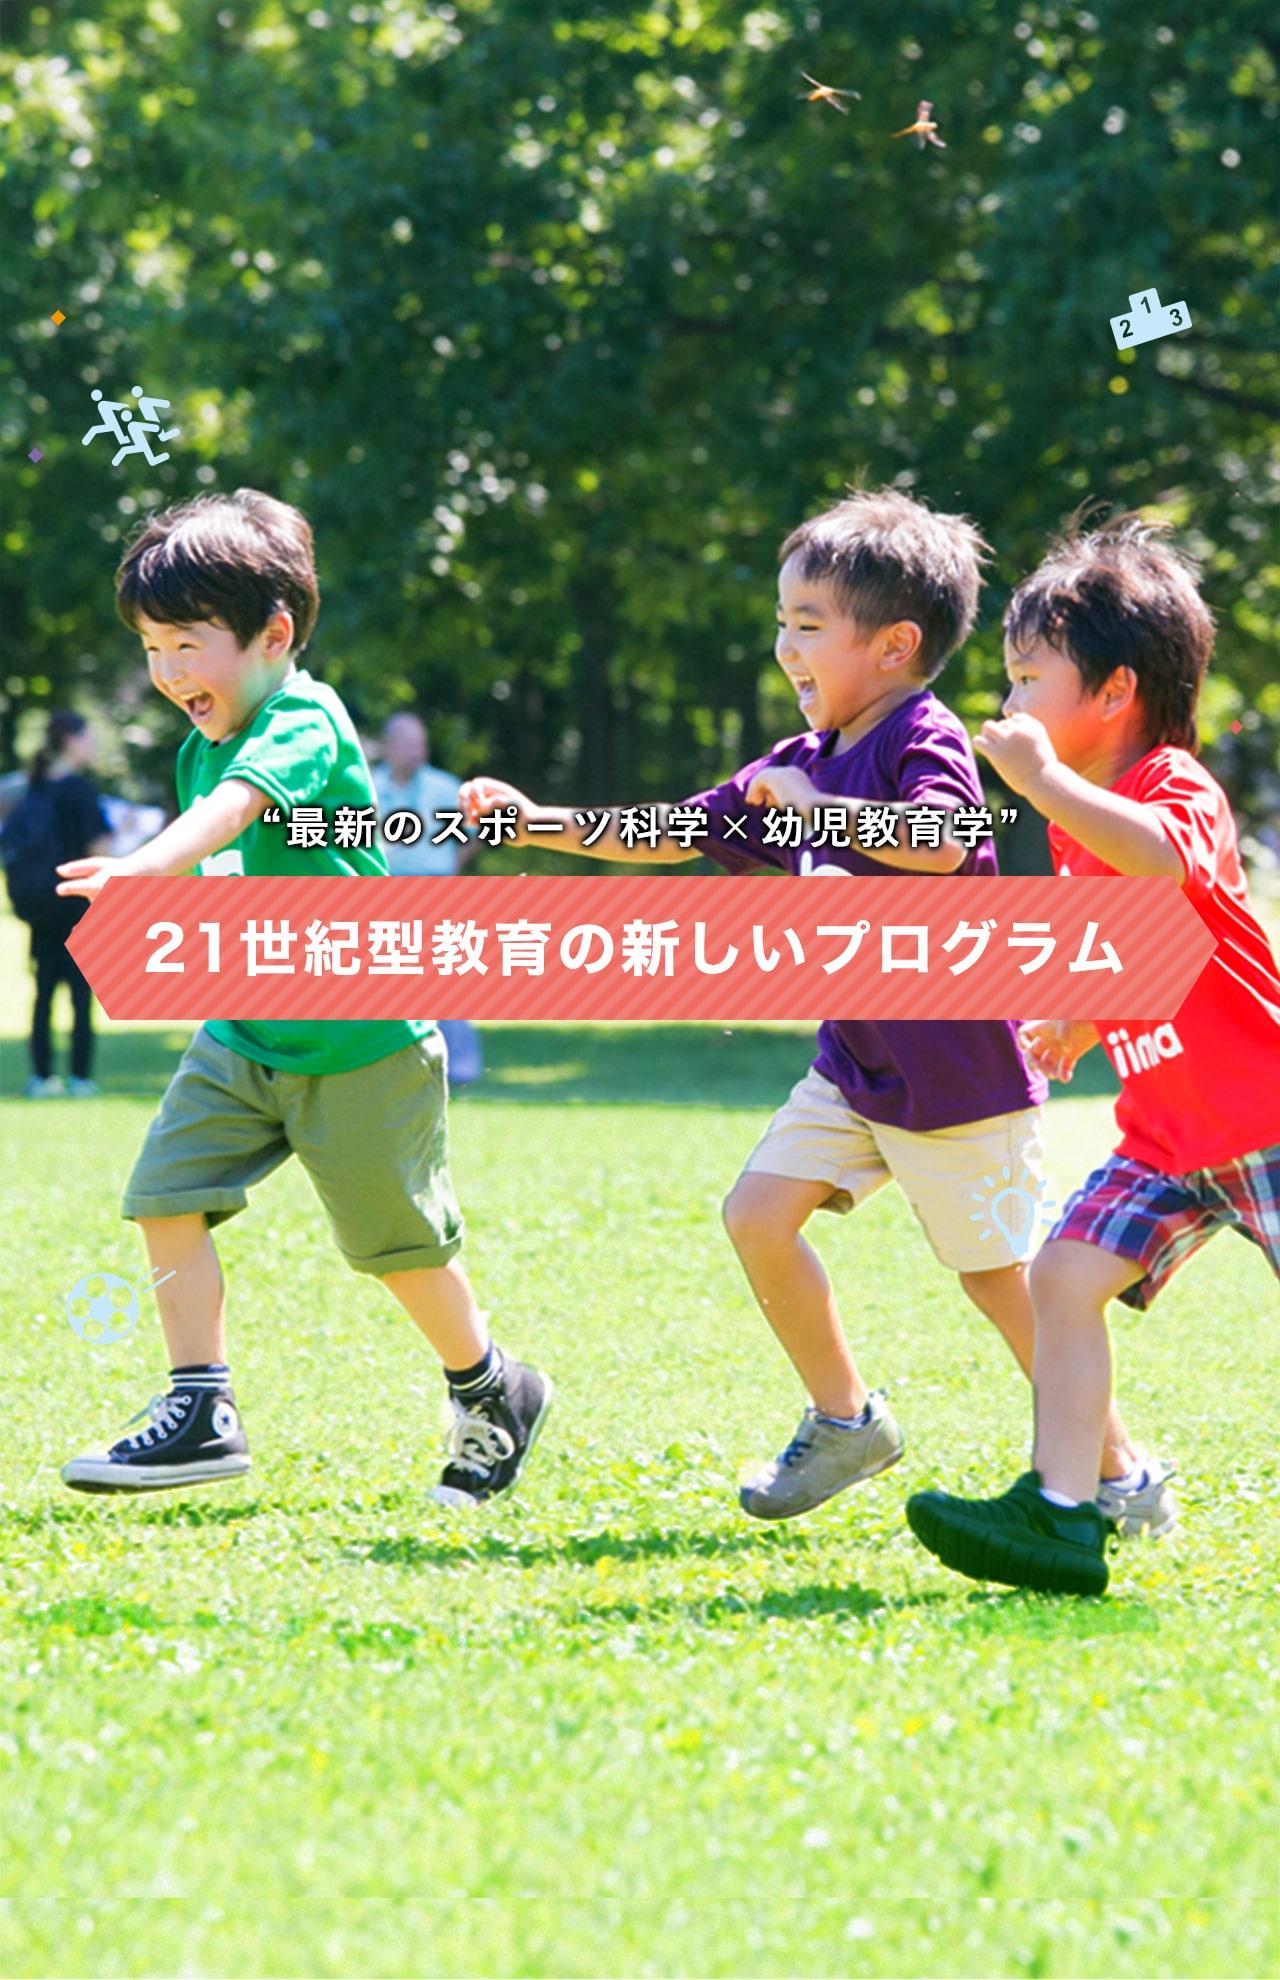 biima sports|早稲田大学教授陣と開発した21世紀型総合キッズスポーツ ...